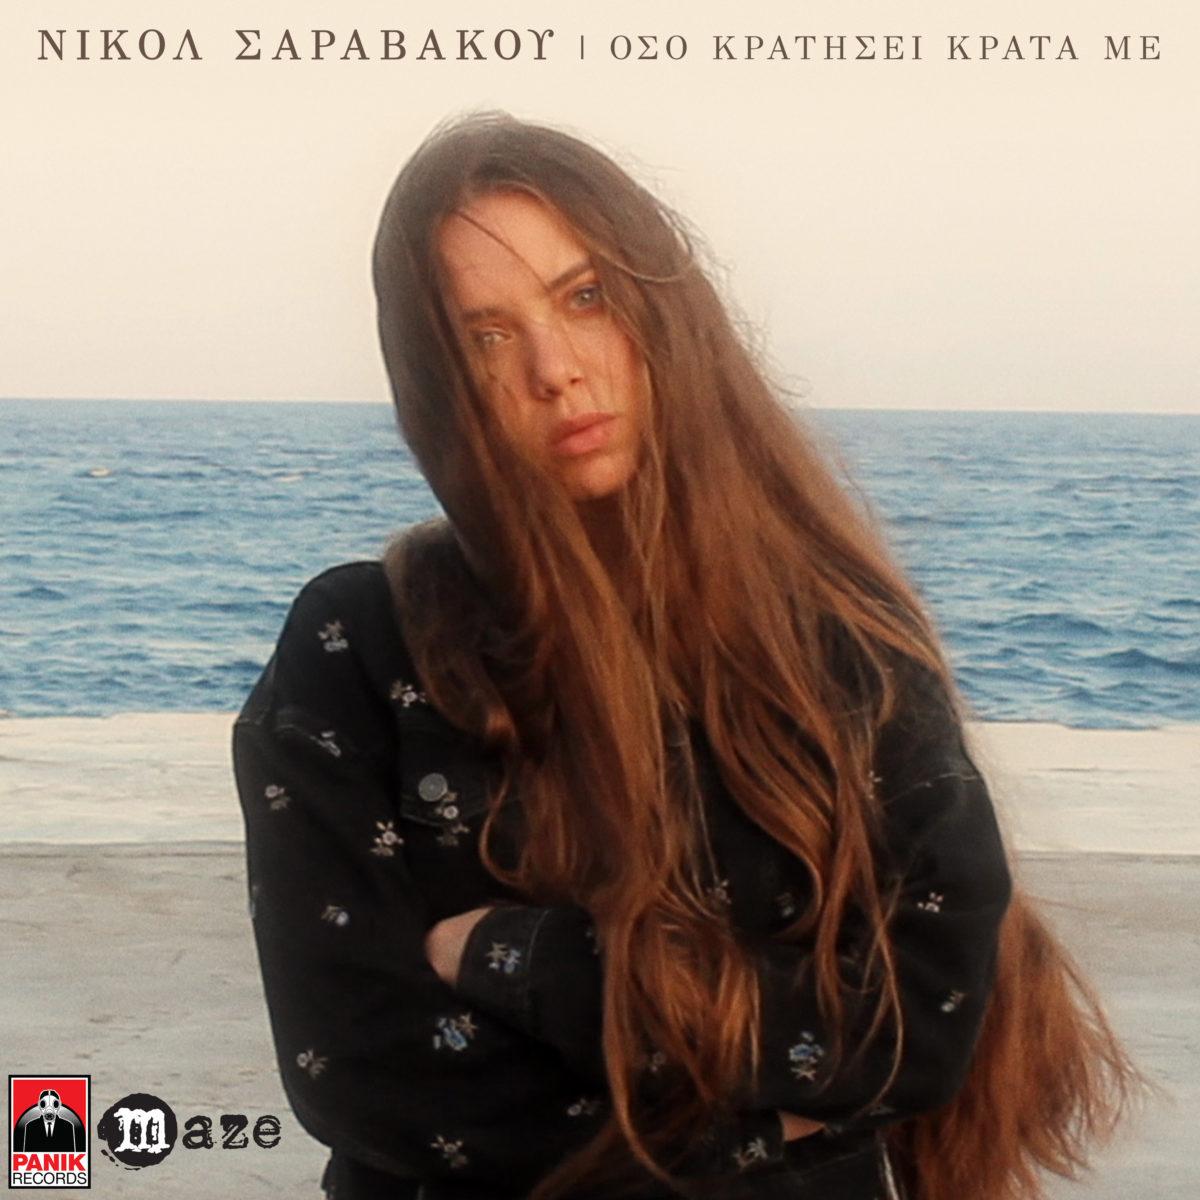 Νικόλ Σαραβάκου: Σκηνοθέτησε η ίδια το νέο της video clip! Video | tlife.gr